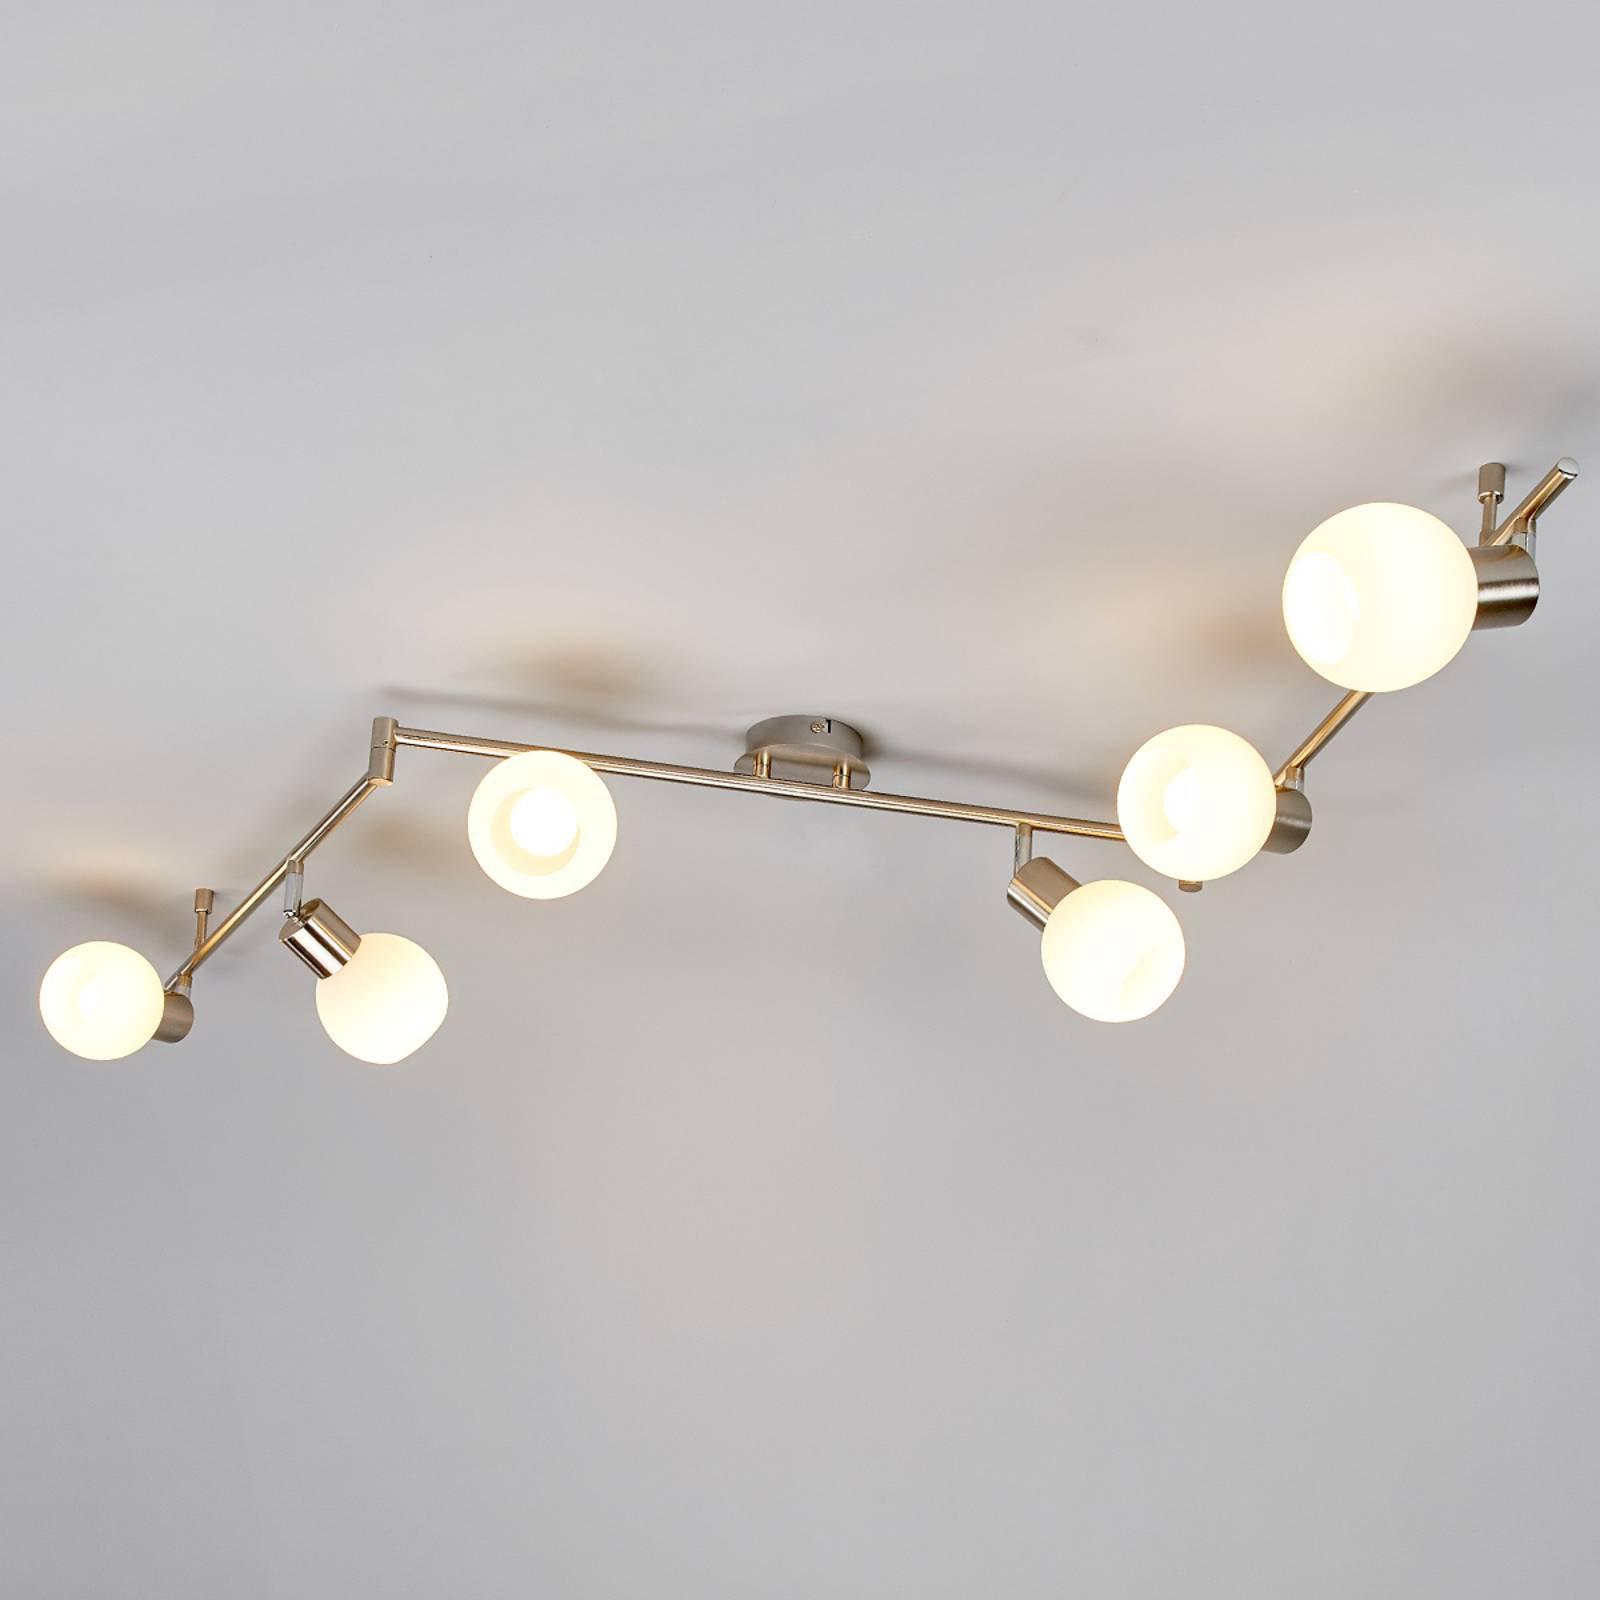 Elaina - LED-taklampe med 6 lys, matt nikkel